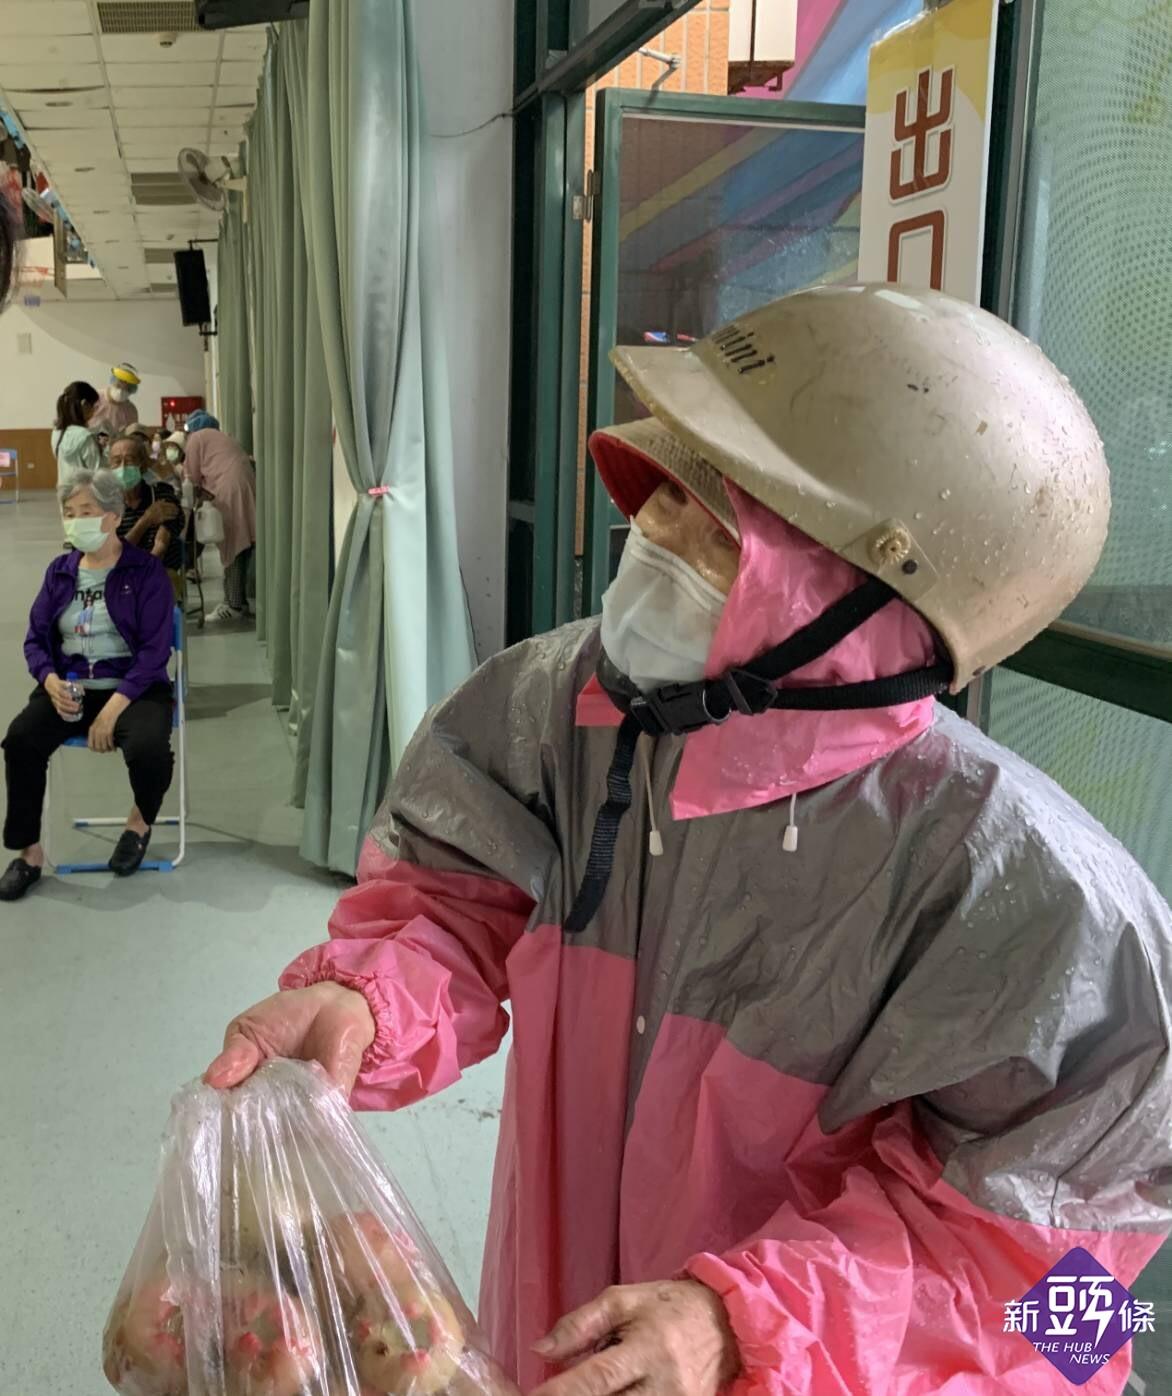 高市持續施打疫苗 民眾暖心送水果給第一線的護理人員打氣